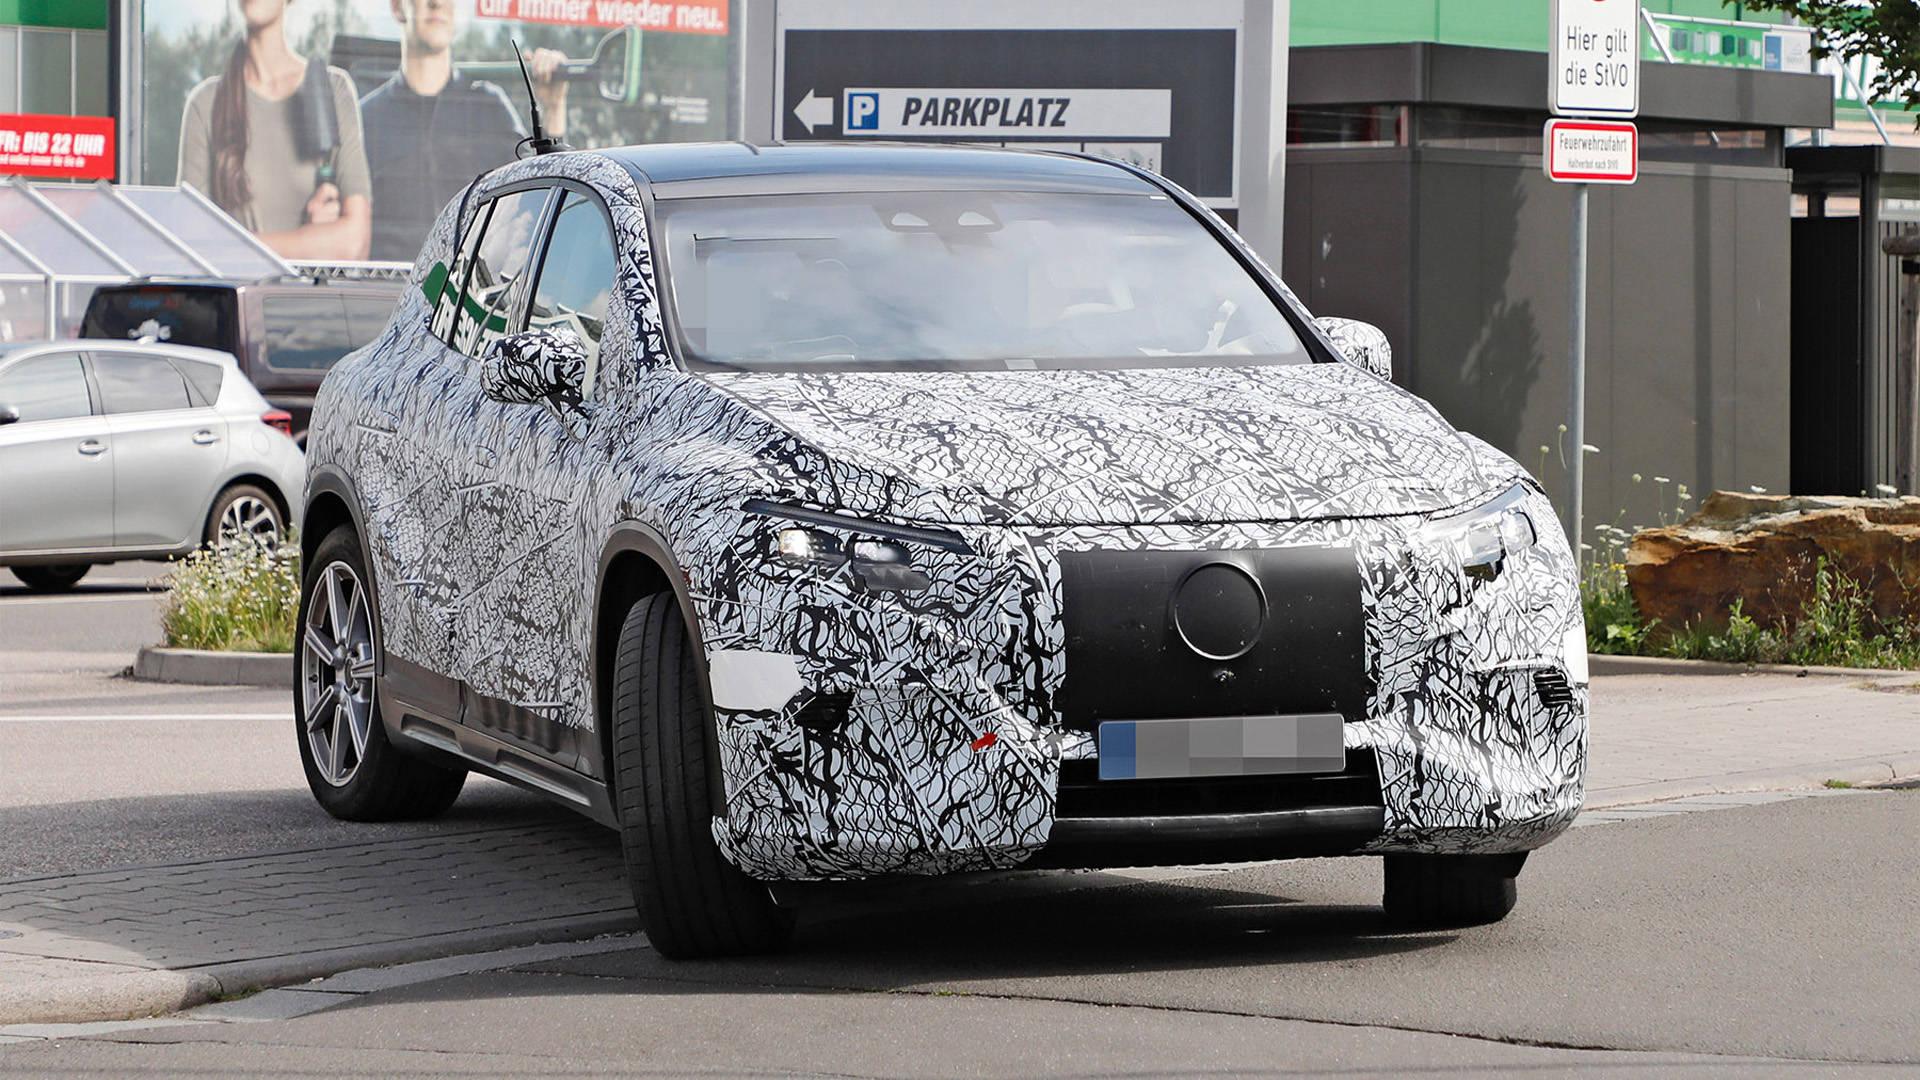 奔驰全新旗舰纯电SUV首度现身,预计2022年全球亮相5ya